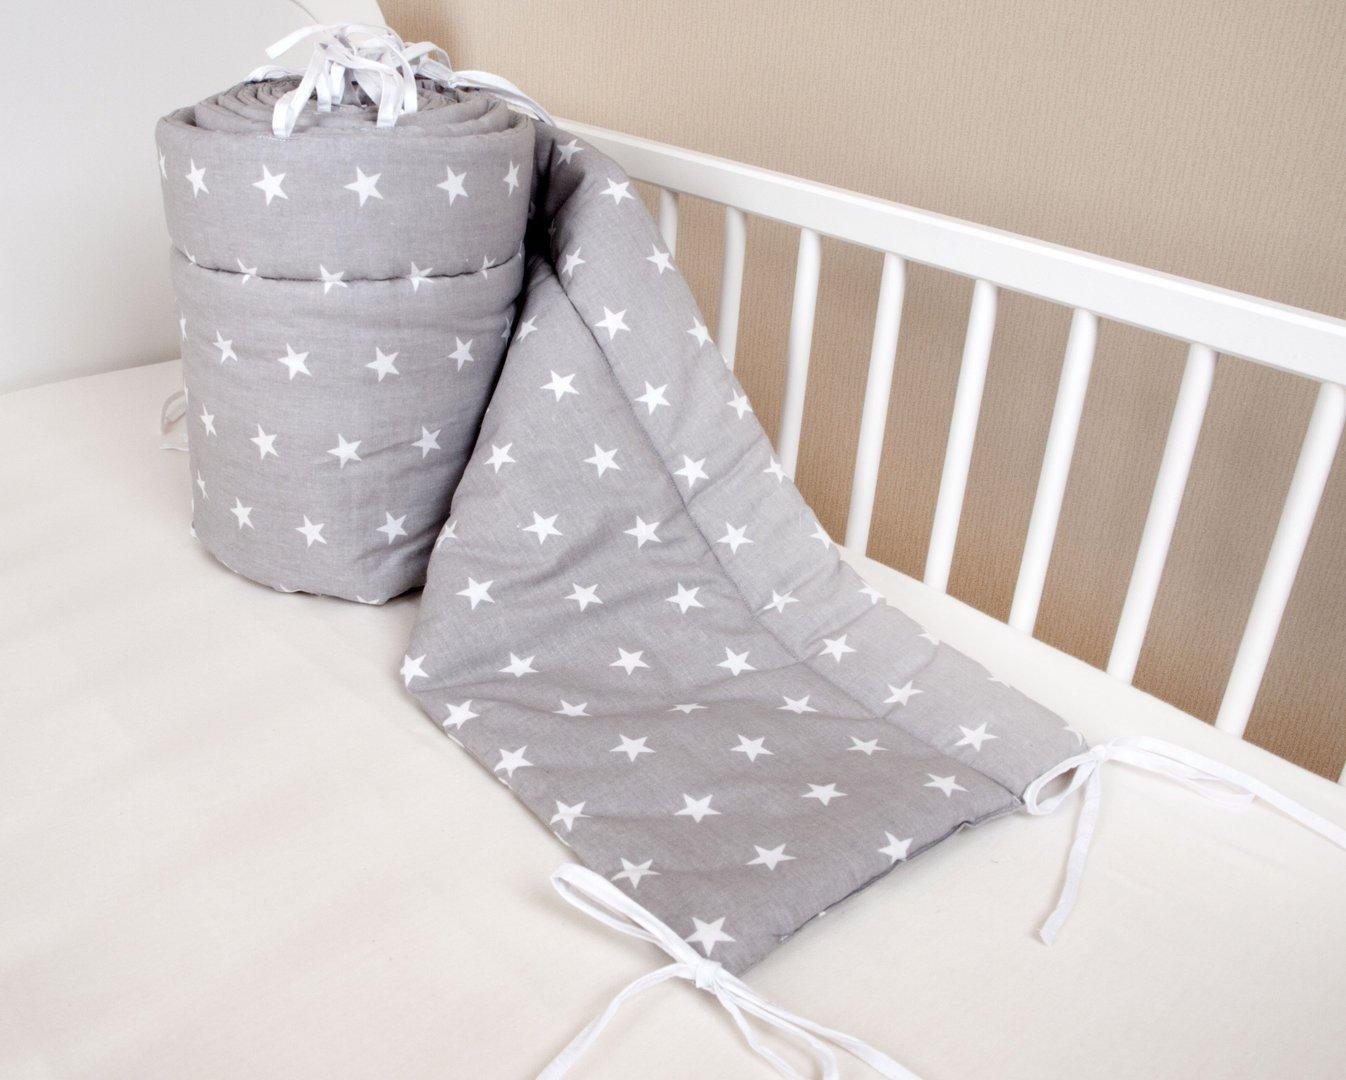 Tour de lit Nid Tête Protection Tour de lit 420 x 30 cm, 360 x 30 cm, 180 x 30 cm équipement de lit tour de lit bébé Protection des Bords astérisque Gris